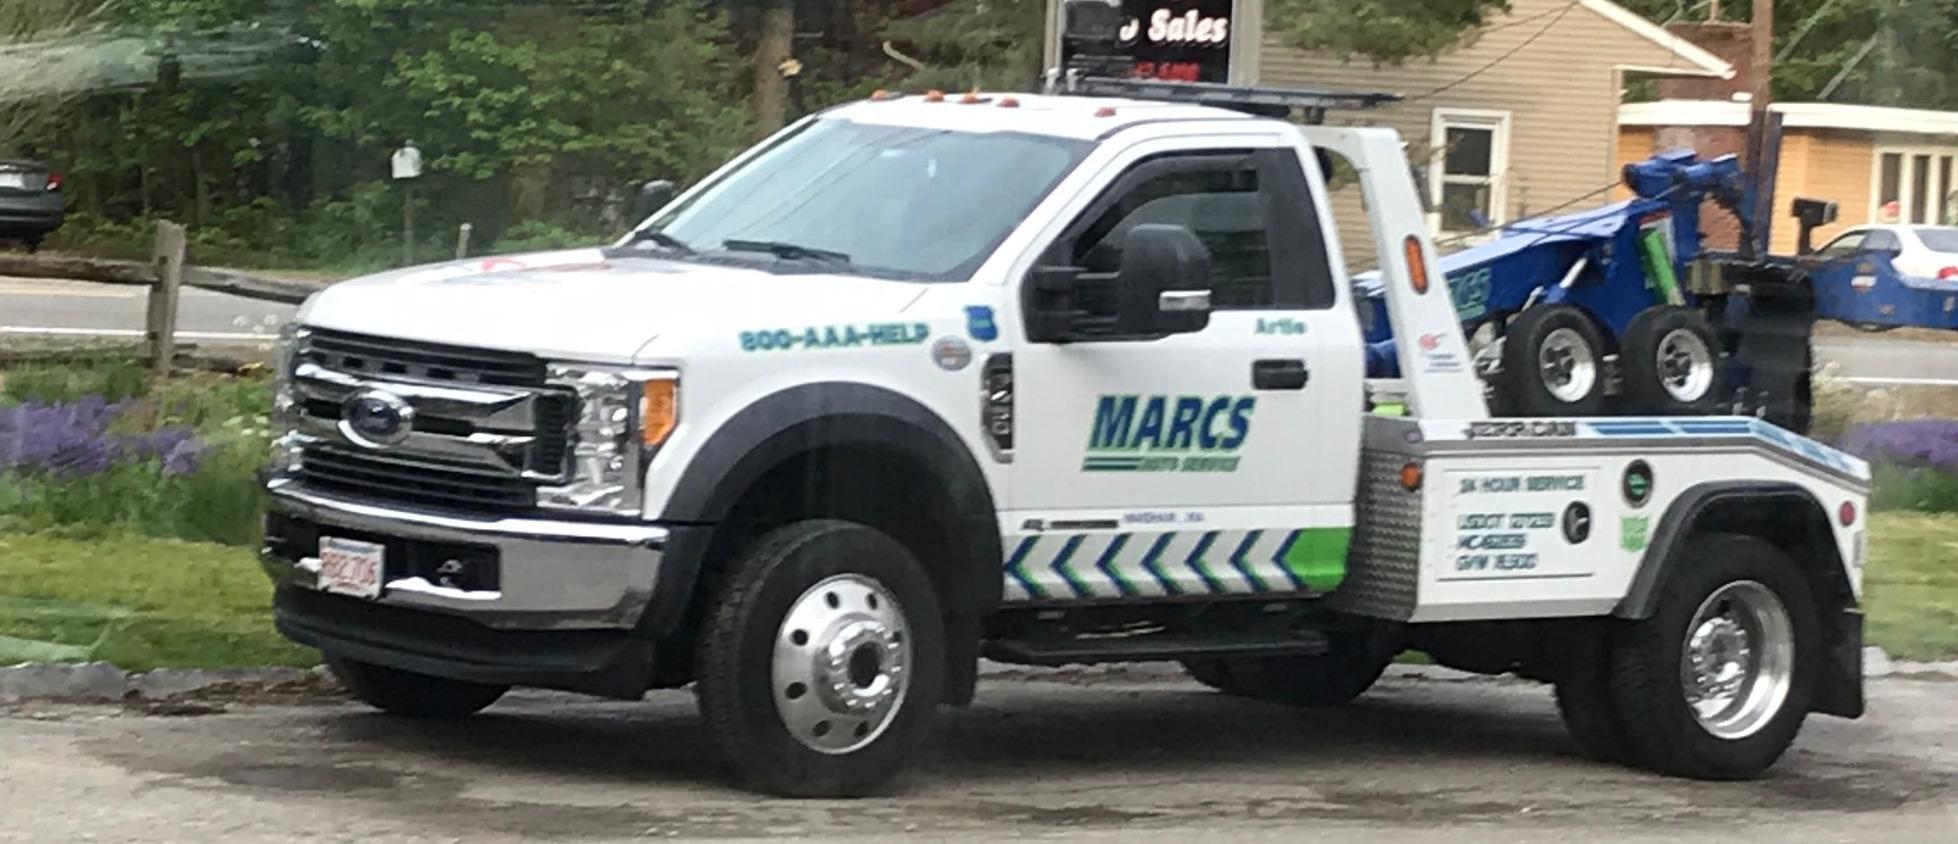 Marc's Auto Shop image 6